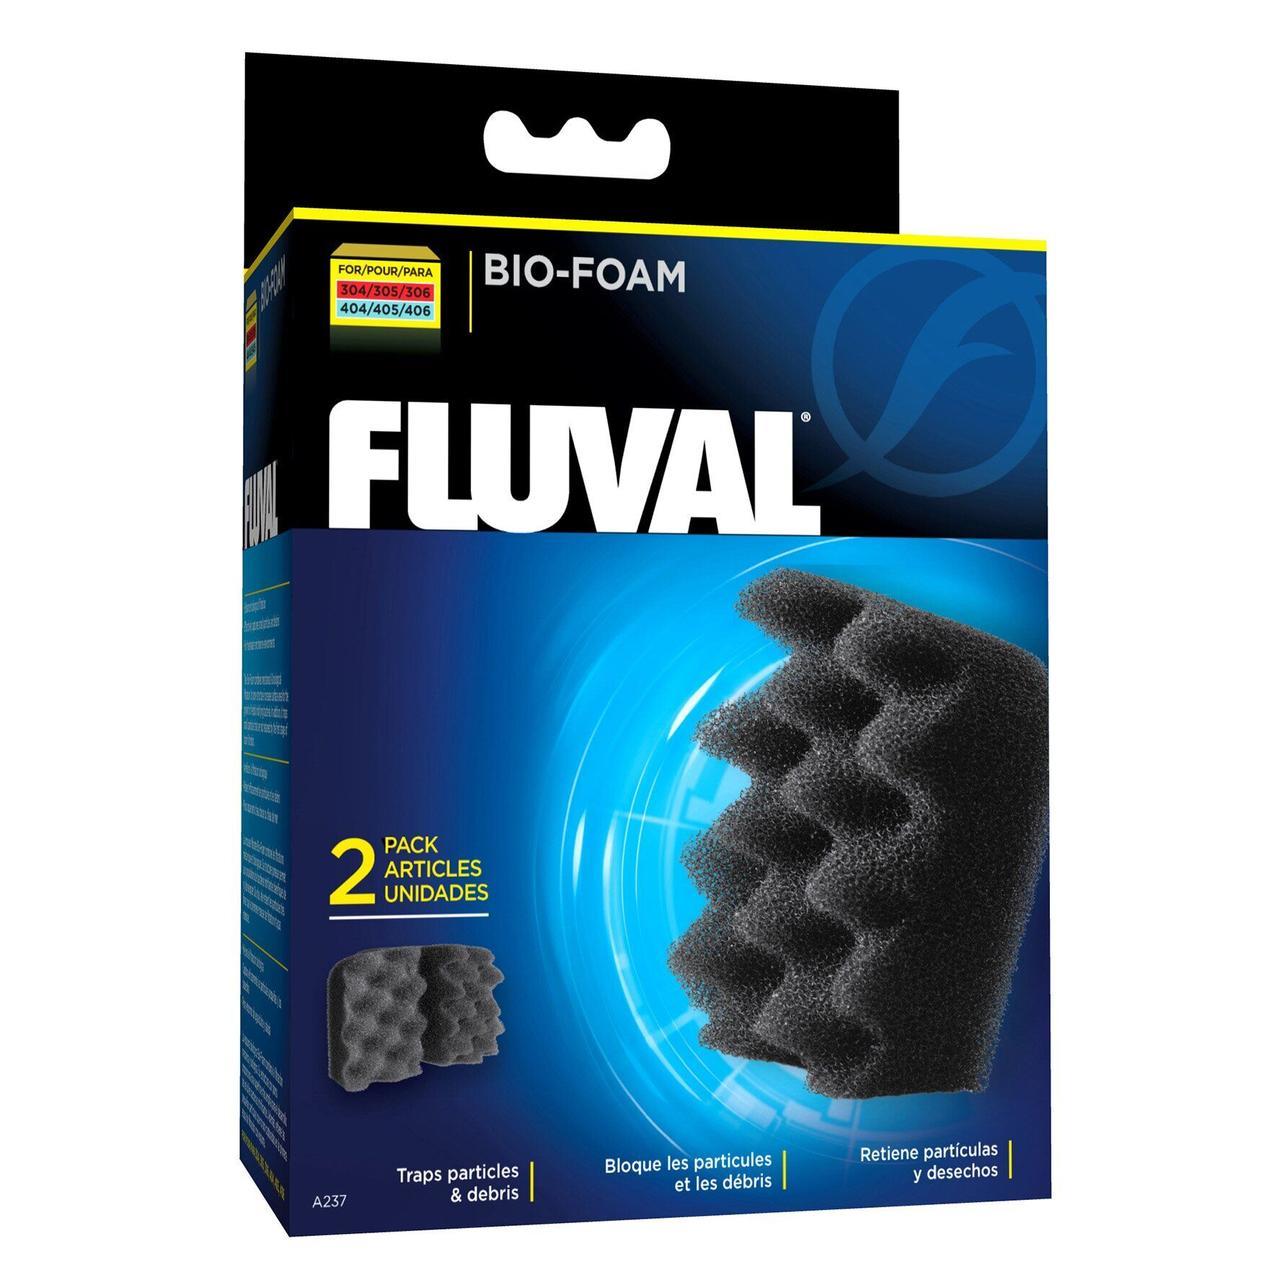 Губка Fluval «Bio-Foam» 2 шт. (для внешнего фильтра Fluval 304 / 305 / 306 / 404 / 405 / 406)